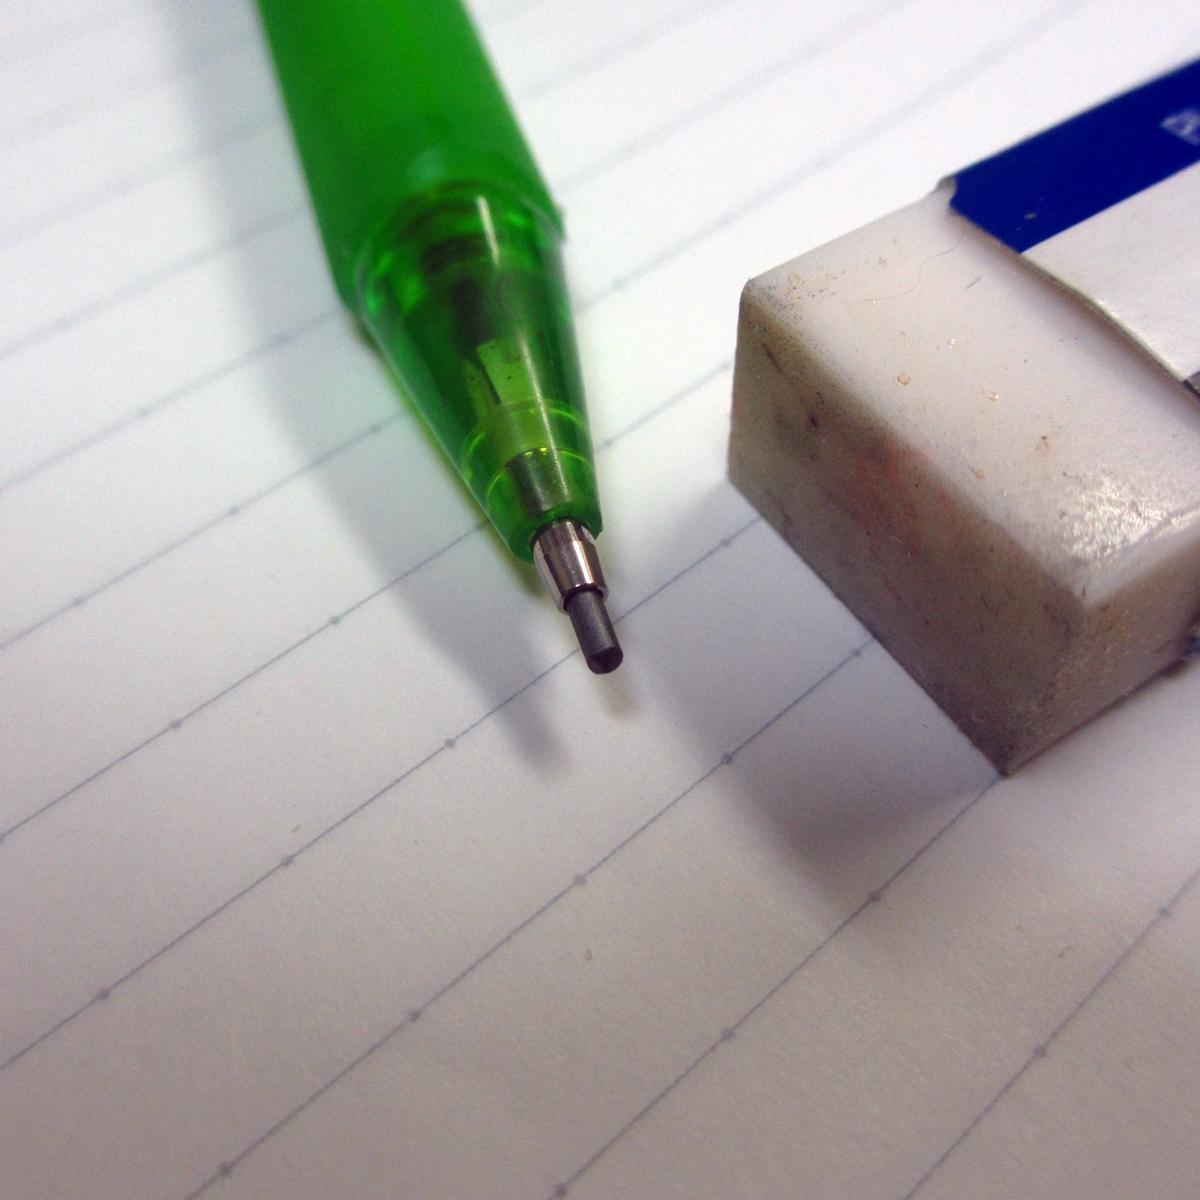 シャーペンと消しゴムとノート20150704 (2)